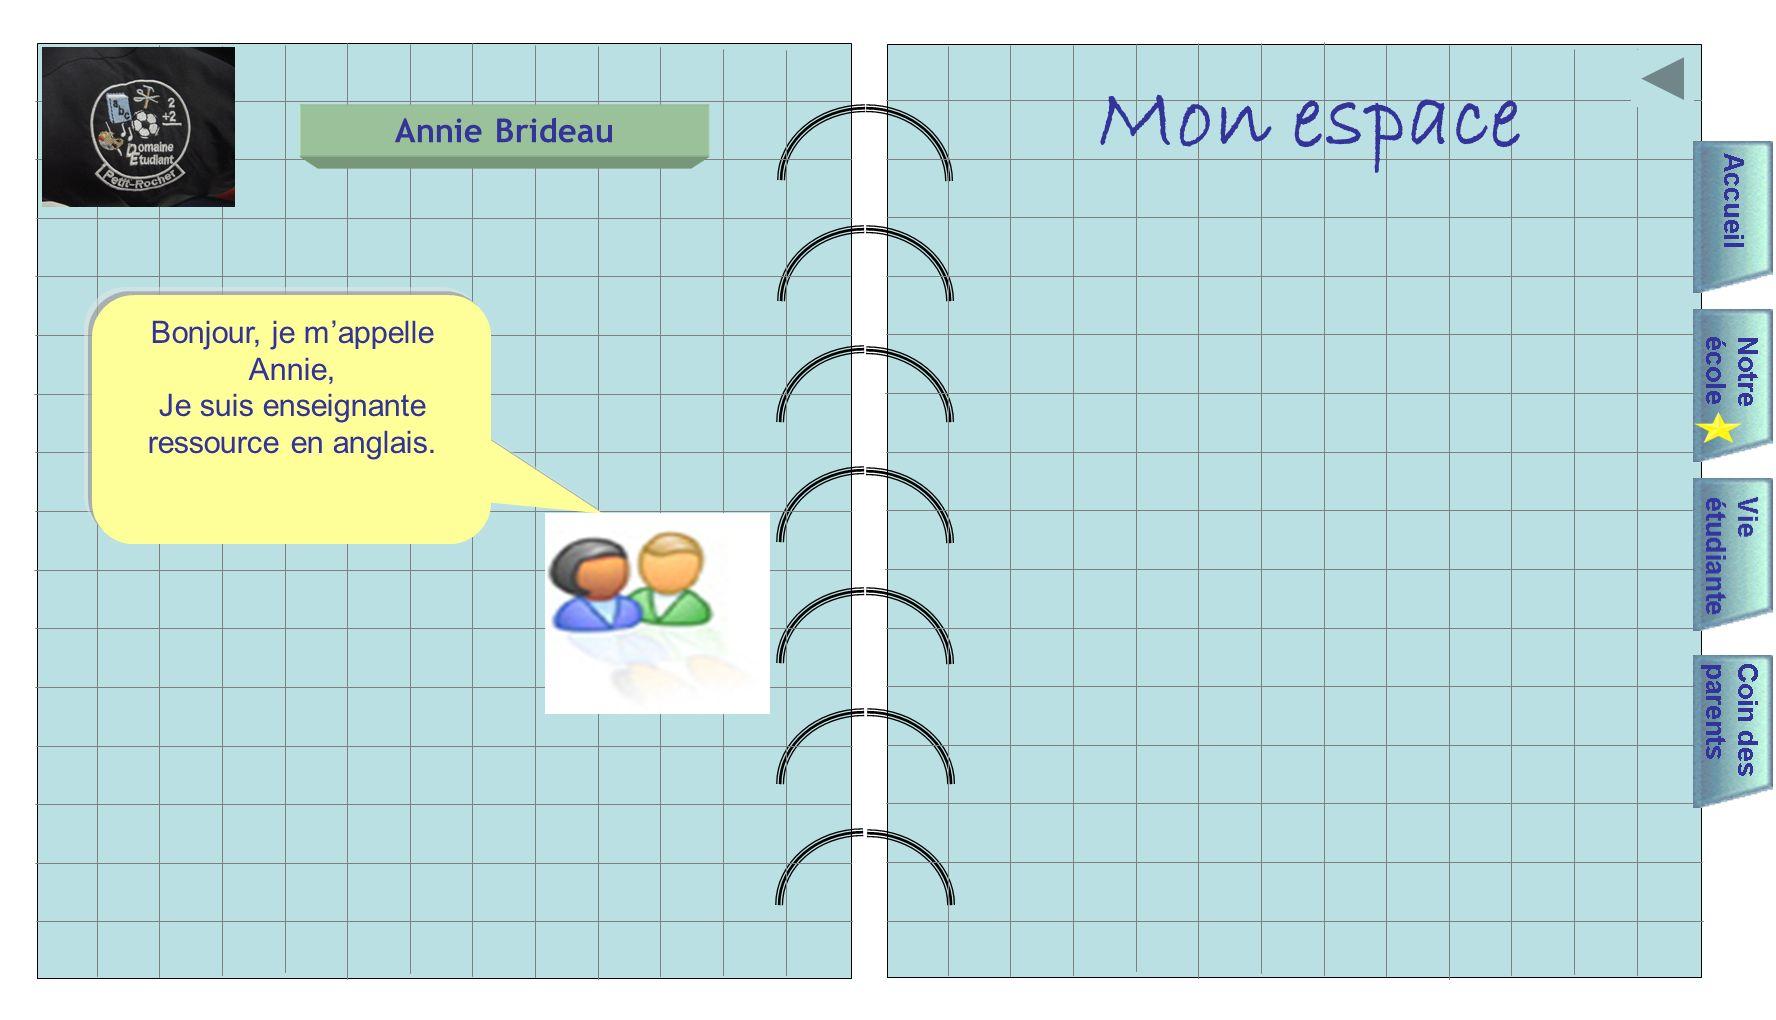 Mon espace Annie Brideau Bonjour, je mappelle Annie, Je suis enseignante ressource en anglais.